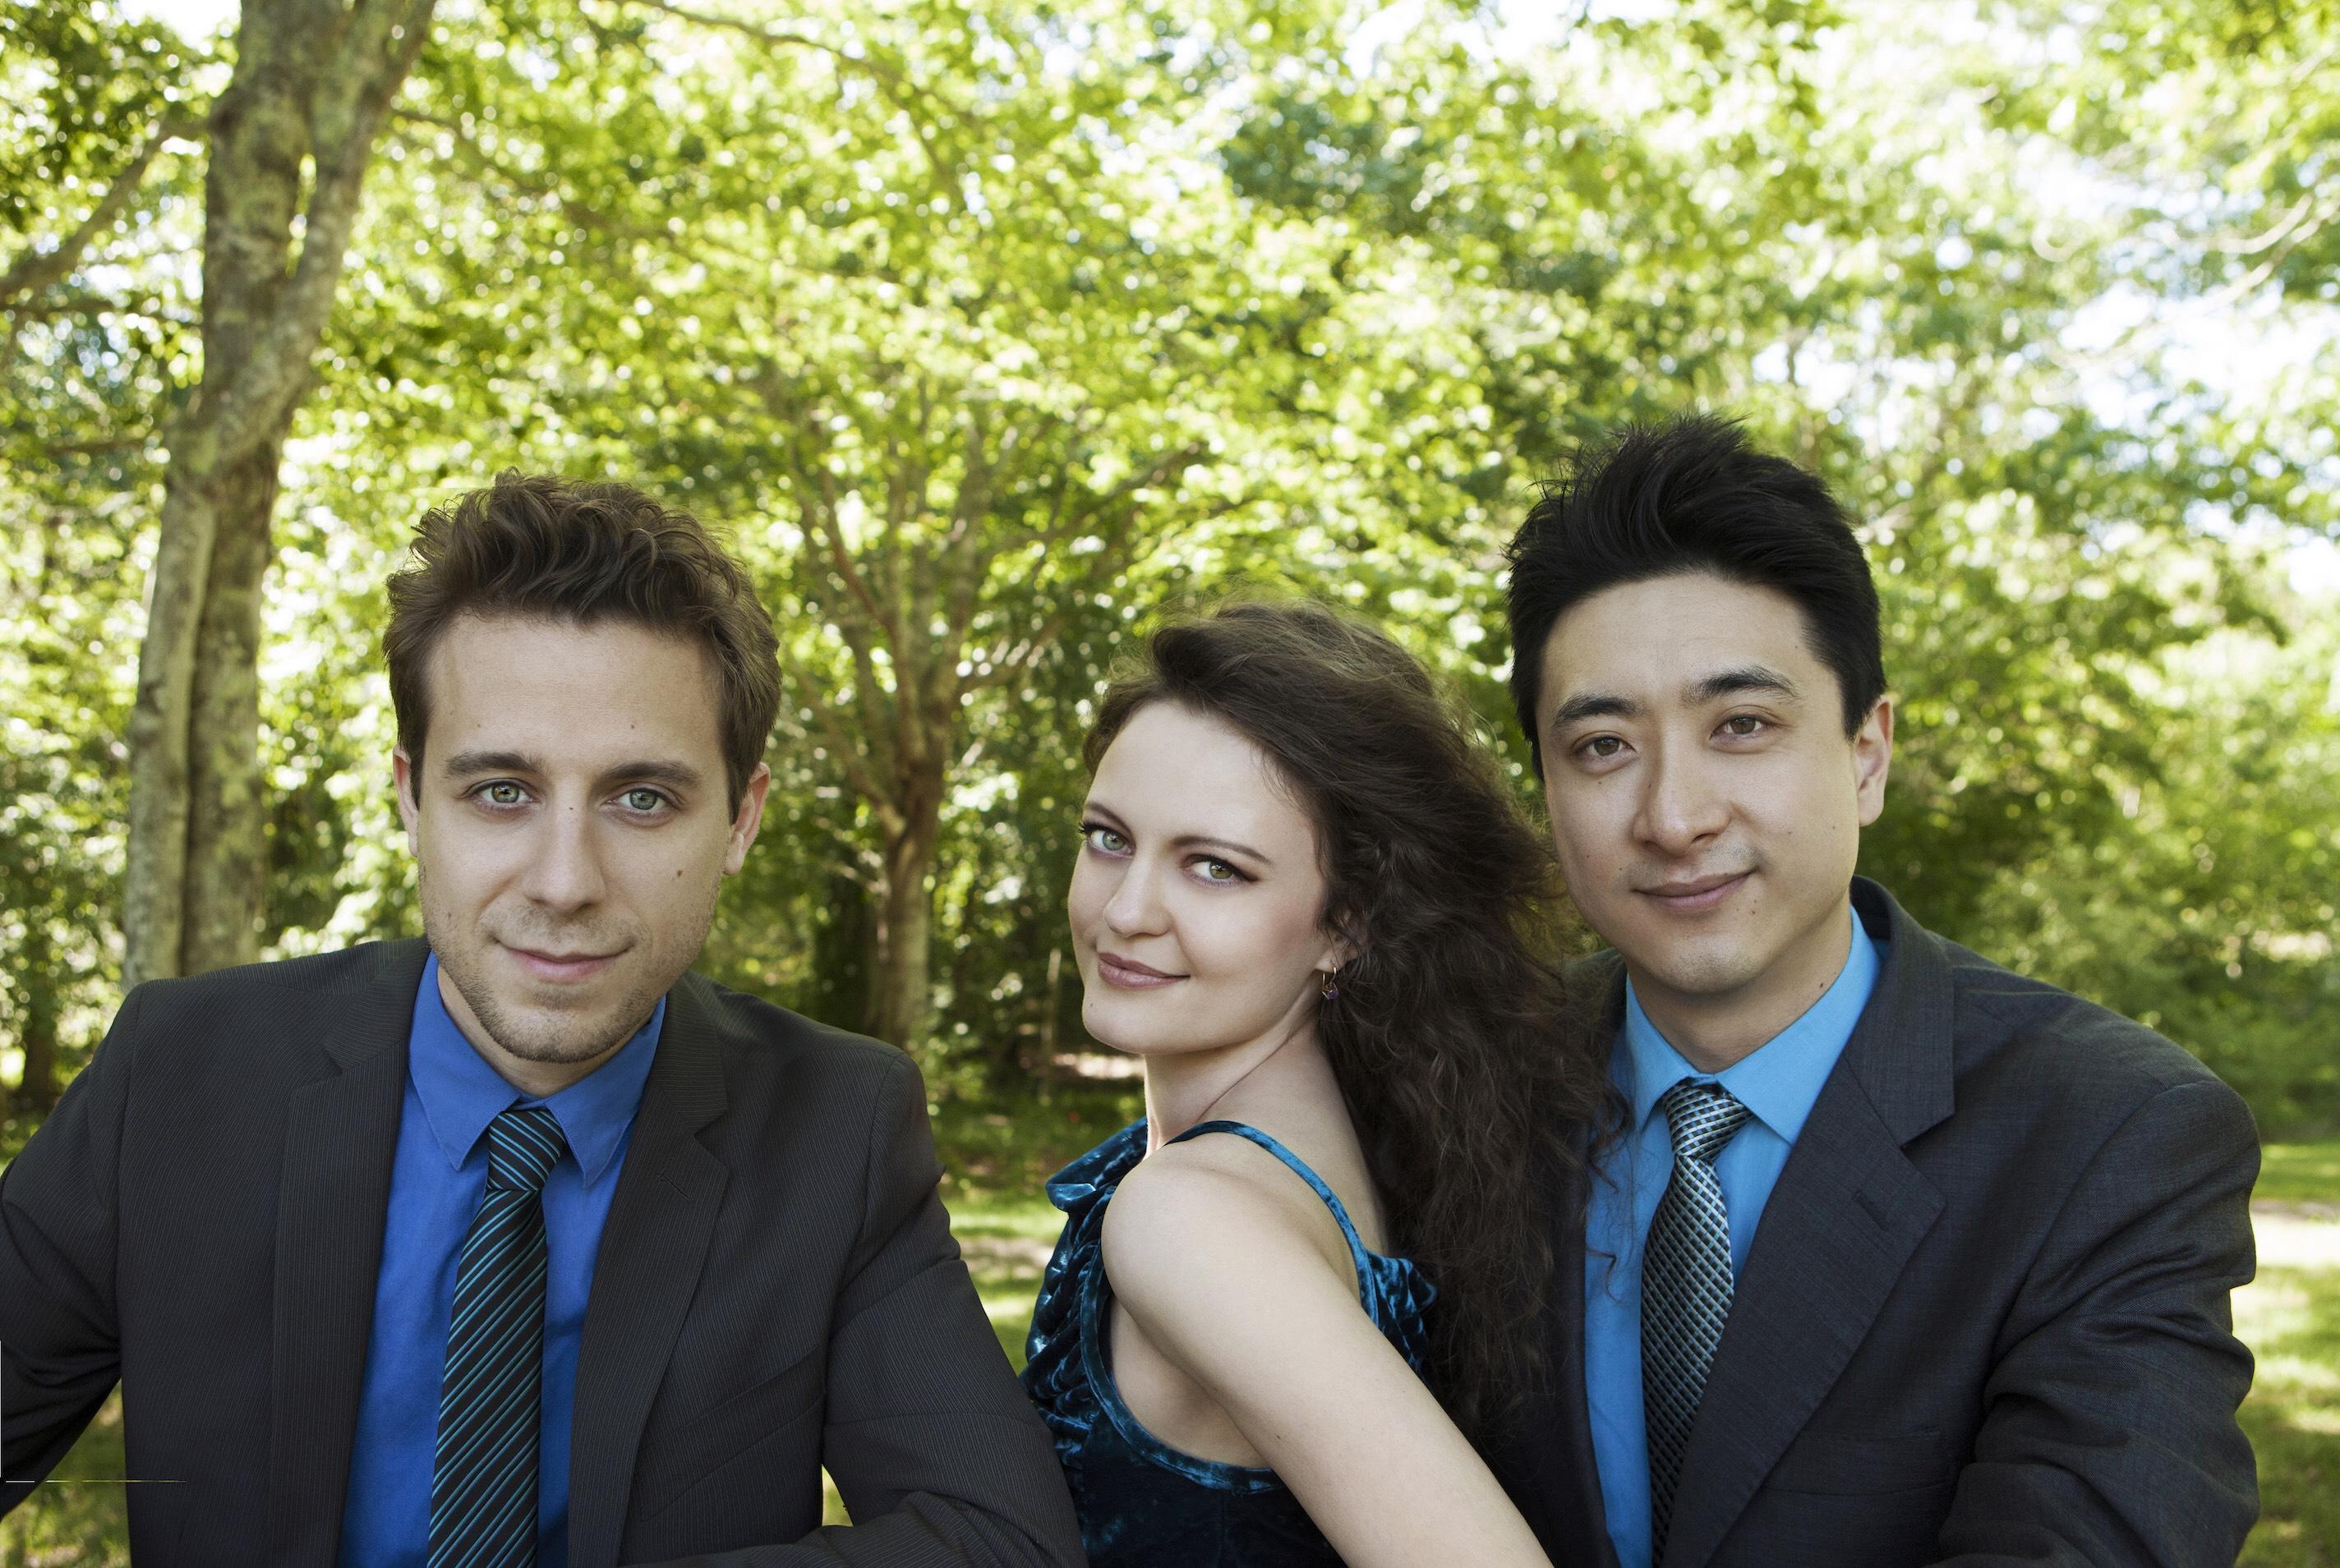 trio-celeste-6_533